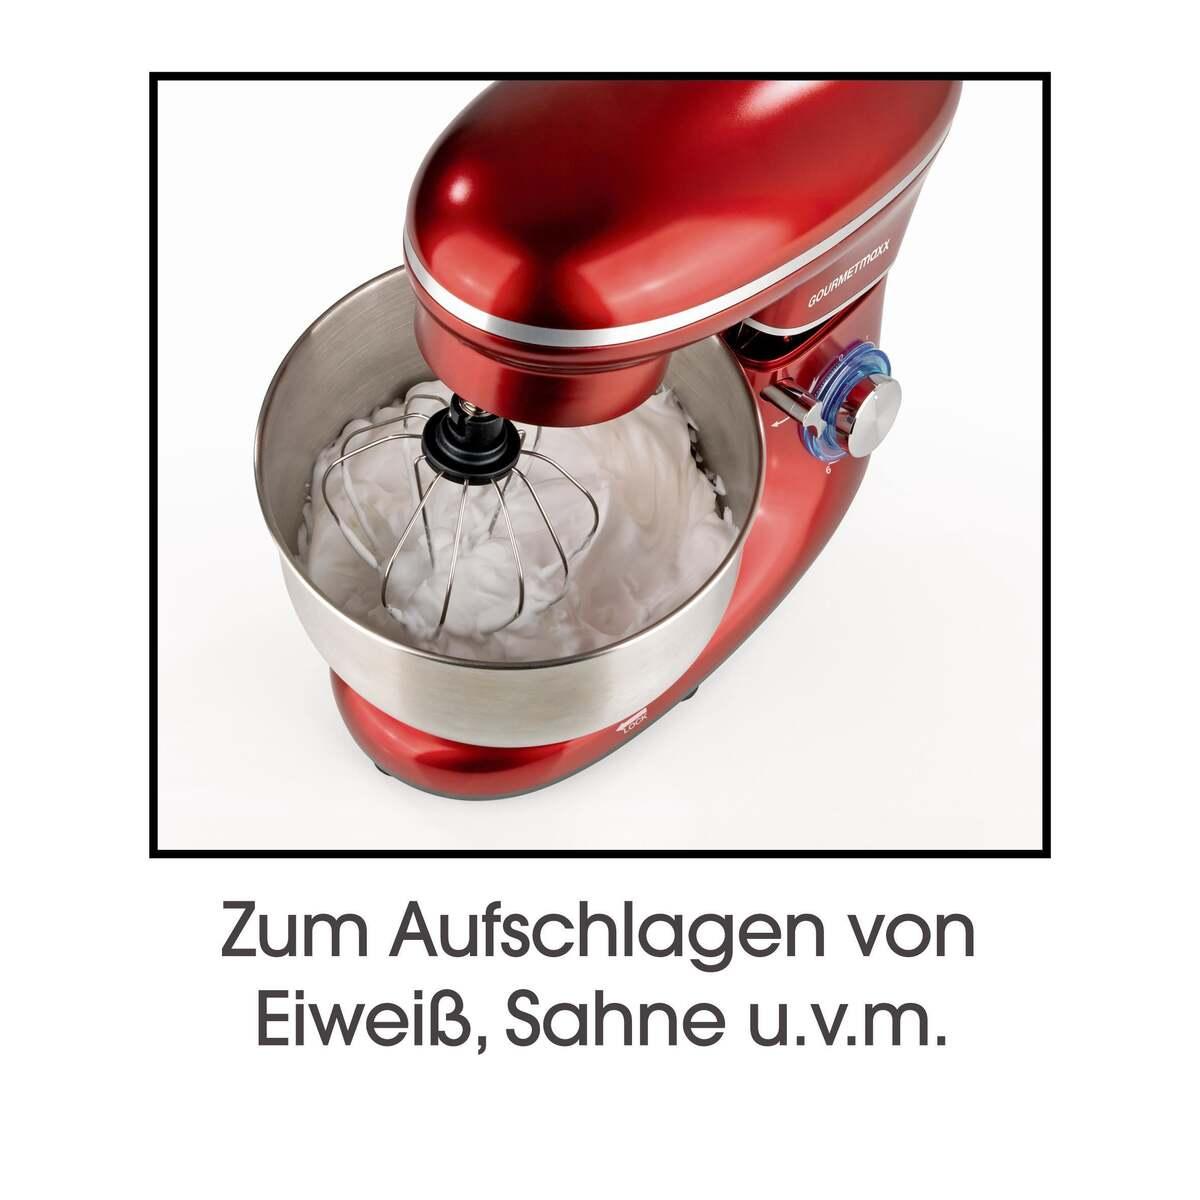 Bild 11 von GOURMETmaxx Küchenmaschine 1500 W rot